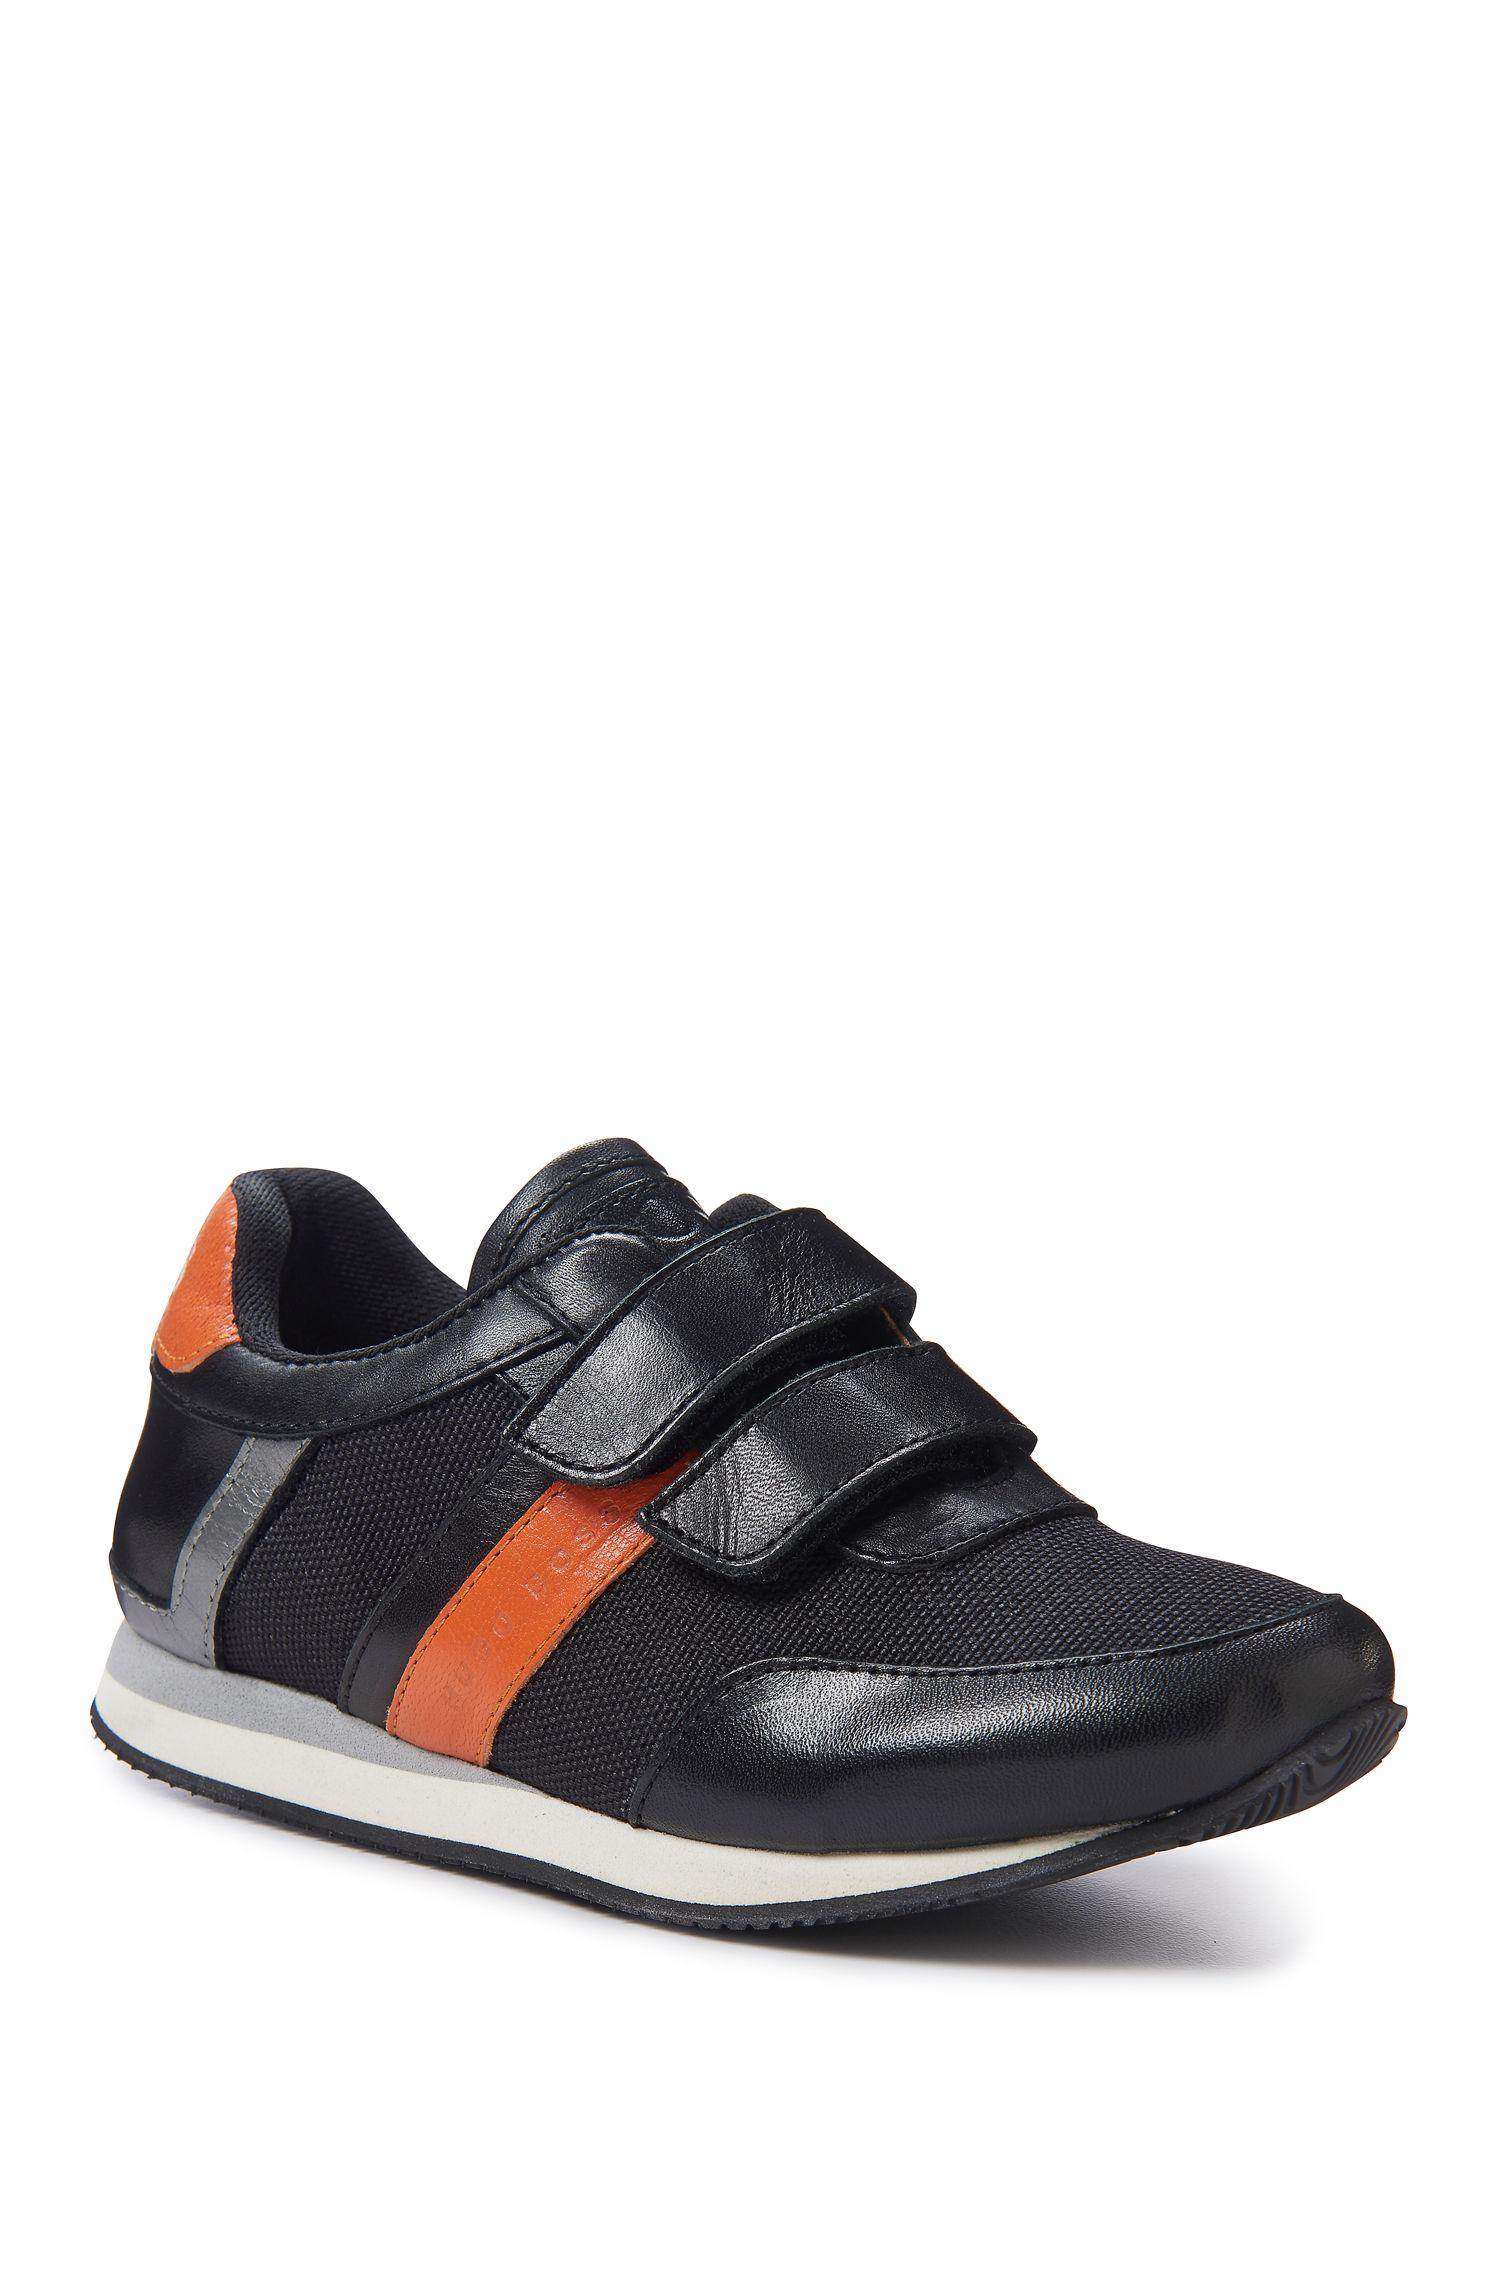 'J29120' | Boys Leather Sneaker